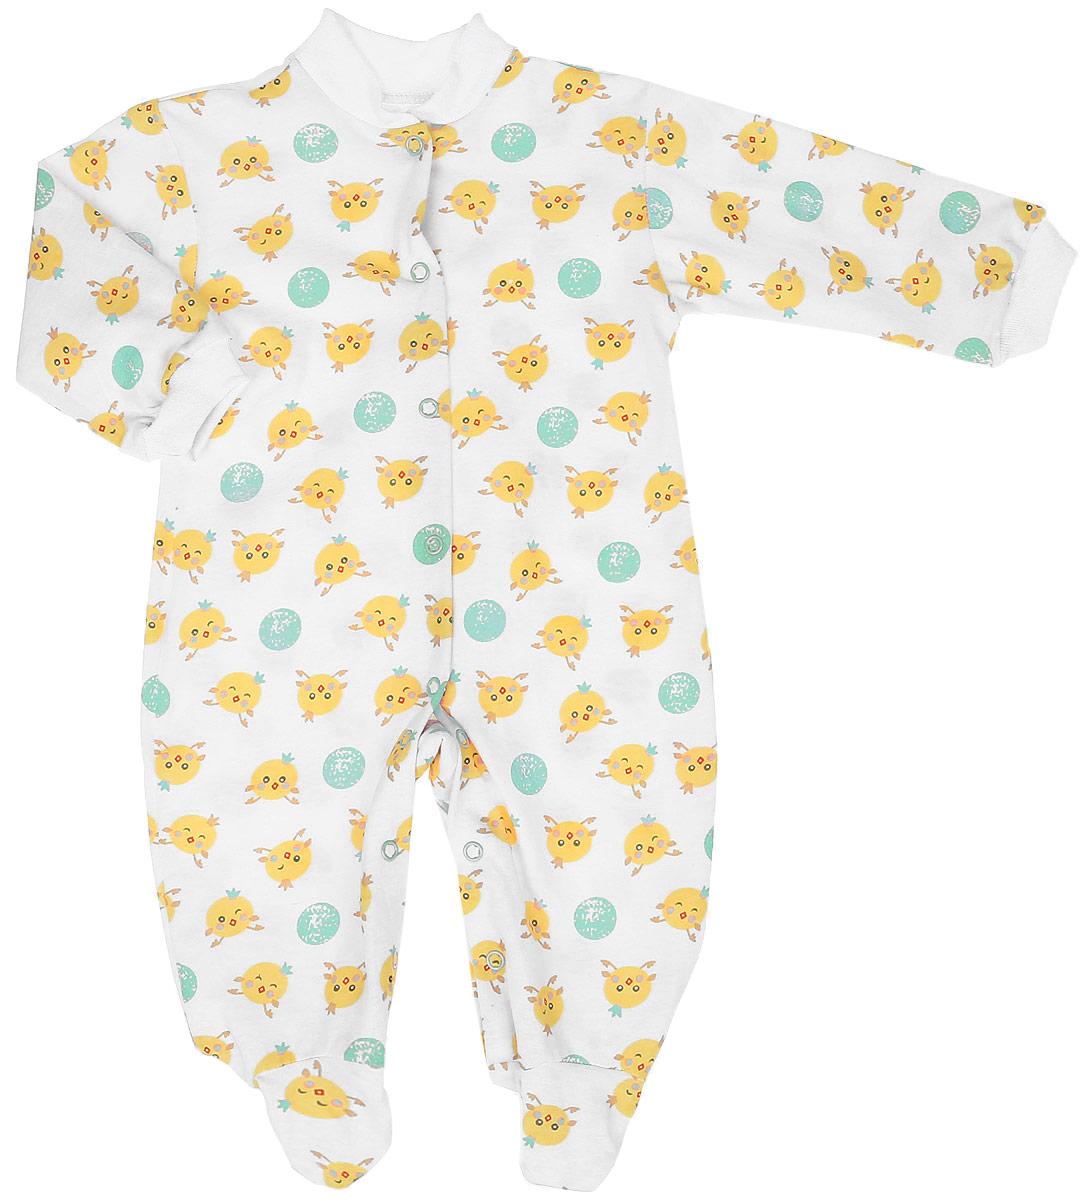 Комбинезон детский Чудесные одежки, цвет: белый, салатовый. 5801. Размер 625801Удобный детский комбинезон Чудесные одежки выполнен из натурального хлопка.Комбинезон с небольшим воротником-стойкой, длинными рукавами и закрытыми ножками имеет застежки-кнопки спереди и на ластовице, которые помогают легко переодеть младенца или сменить подгузник. Воротничок и манжеты на рукавах выполнены из трикотажной эластичной резинки. Изделие оформлено принтом с изображением цыплят.